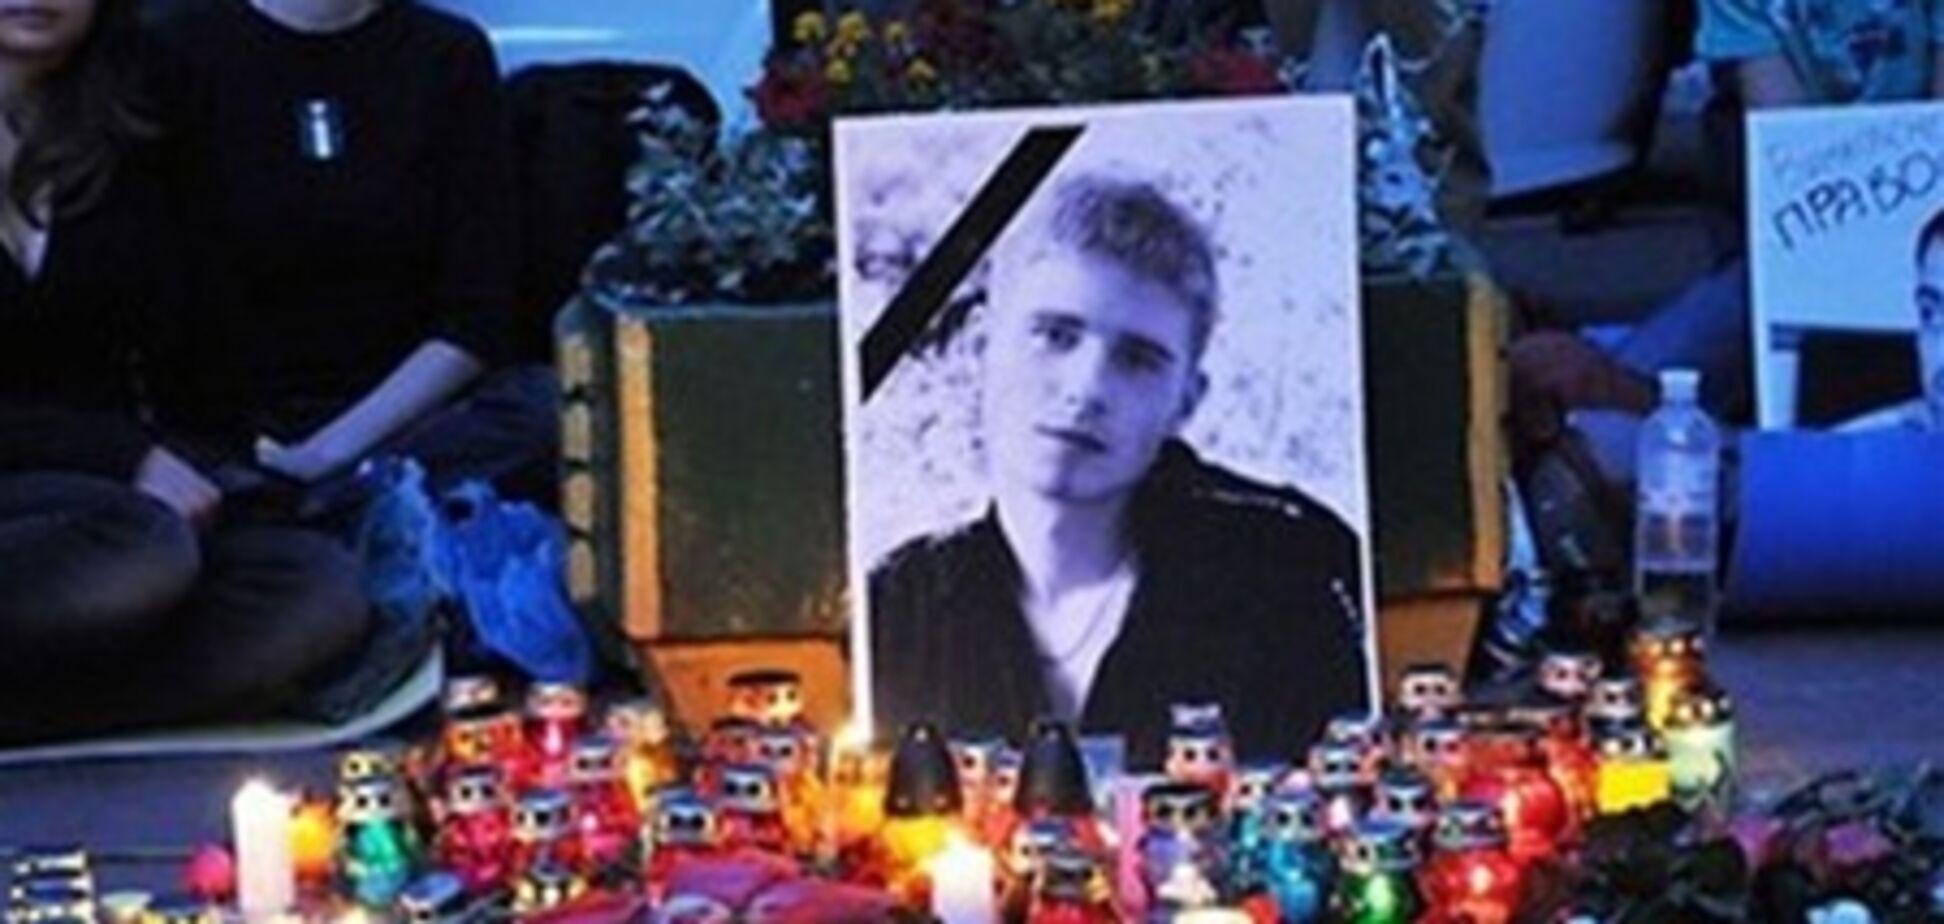 Смерть студента Индыло: приговор оспорят в суде